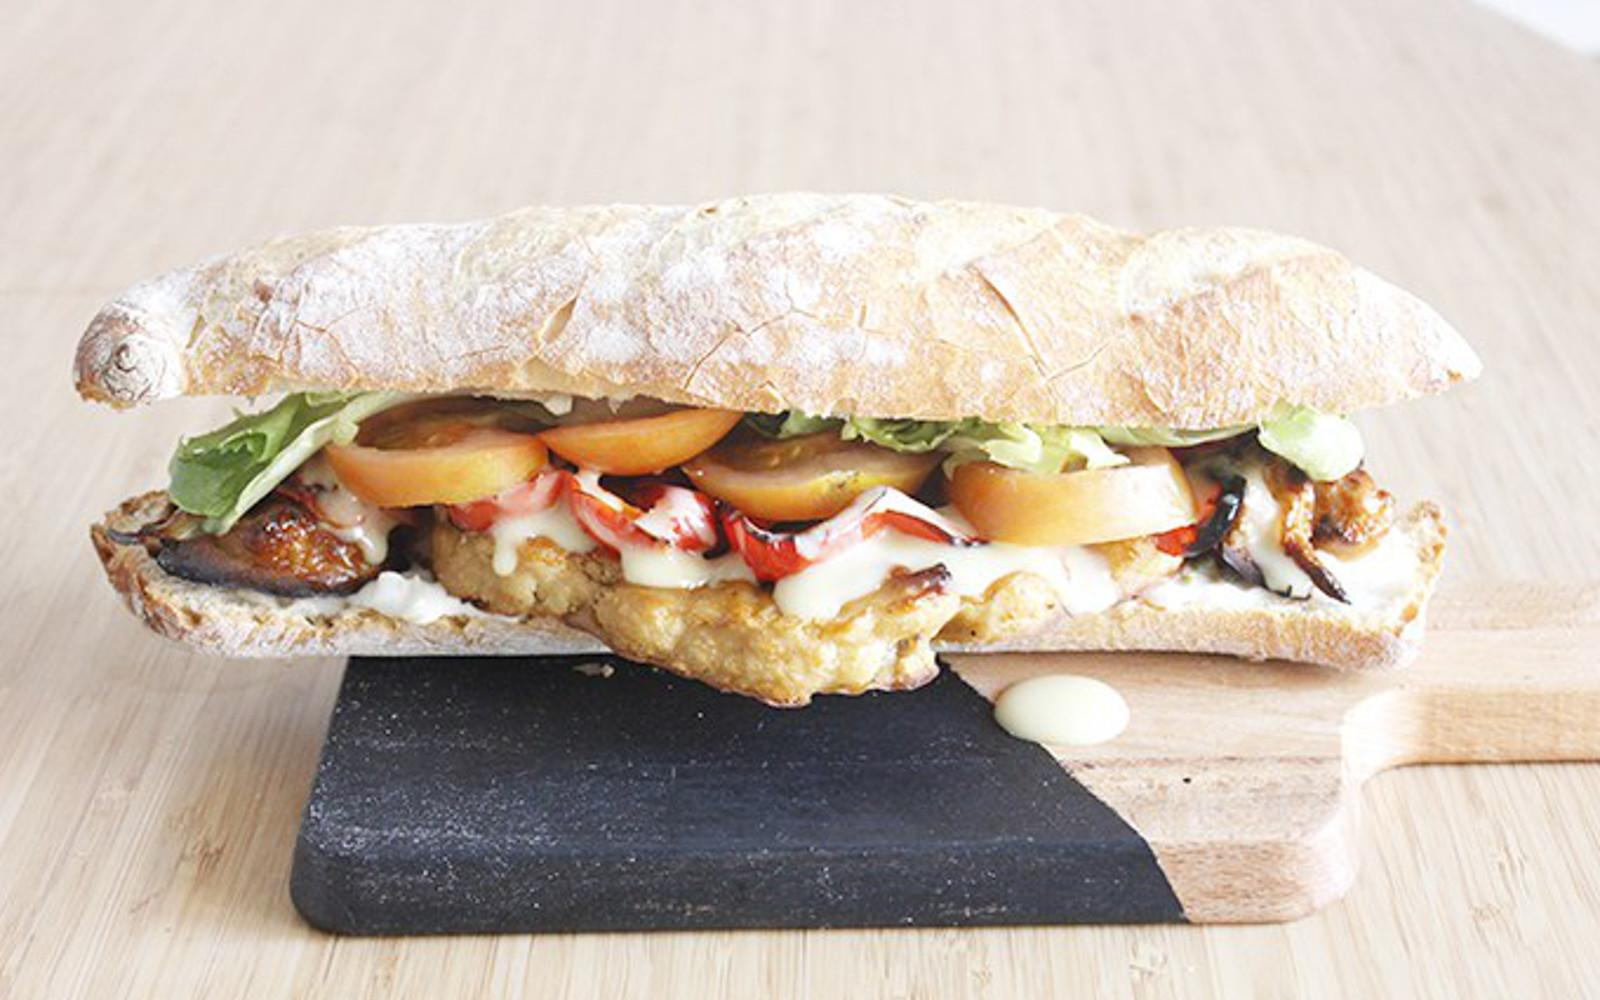 Spicy Barbecue Cauliflower Sandwich